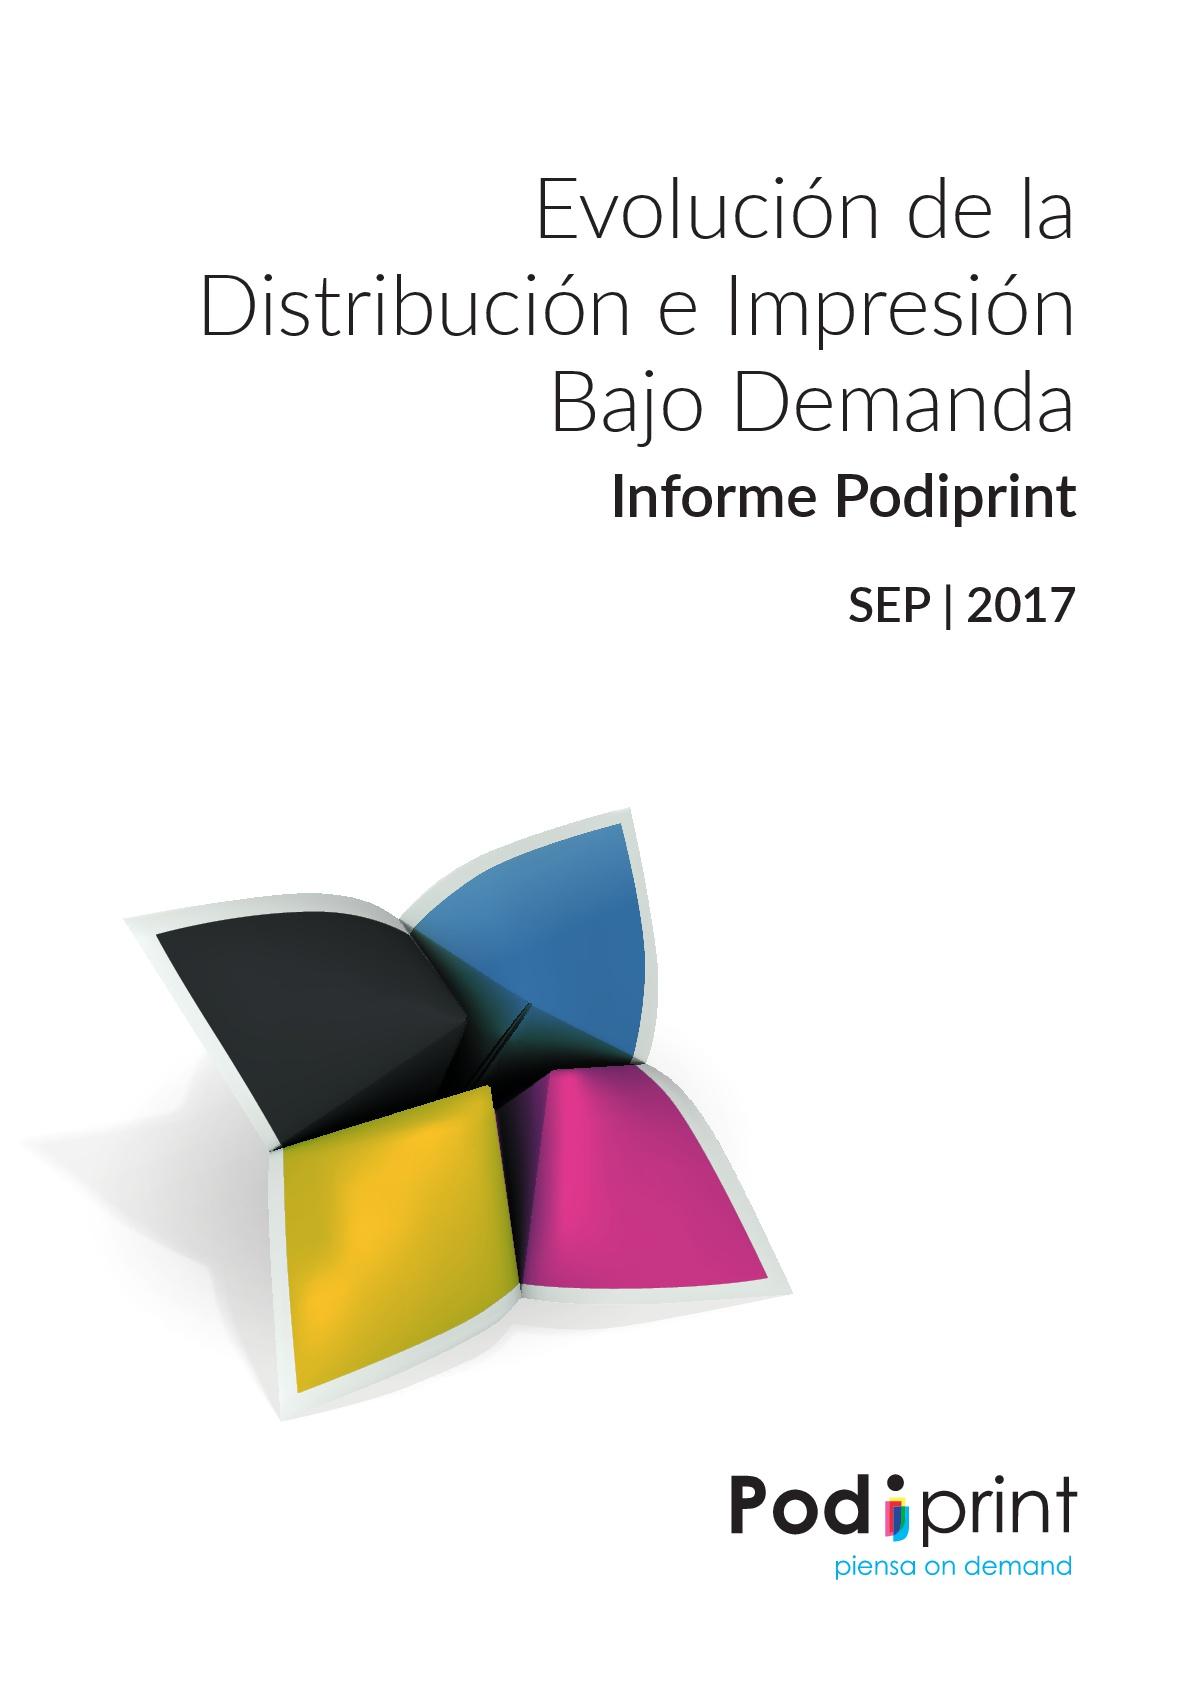 Evolución de la distribución e impresión bajo demanda. Informe Podiprint